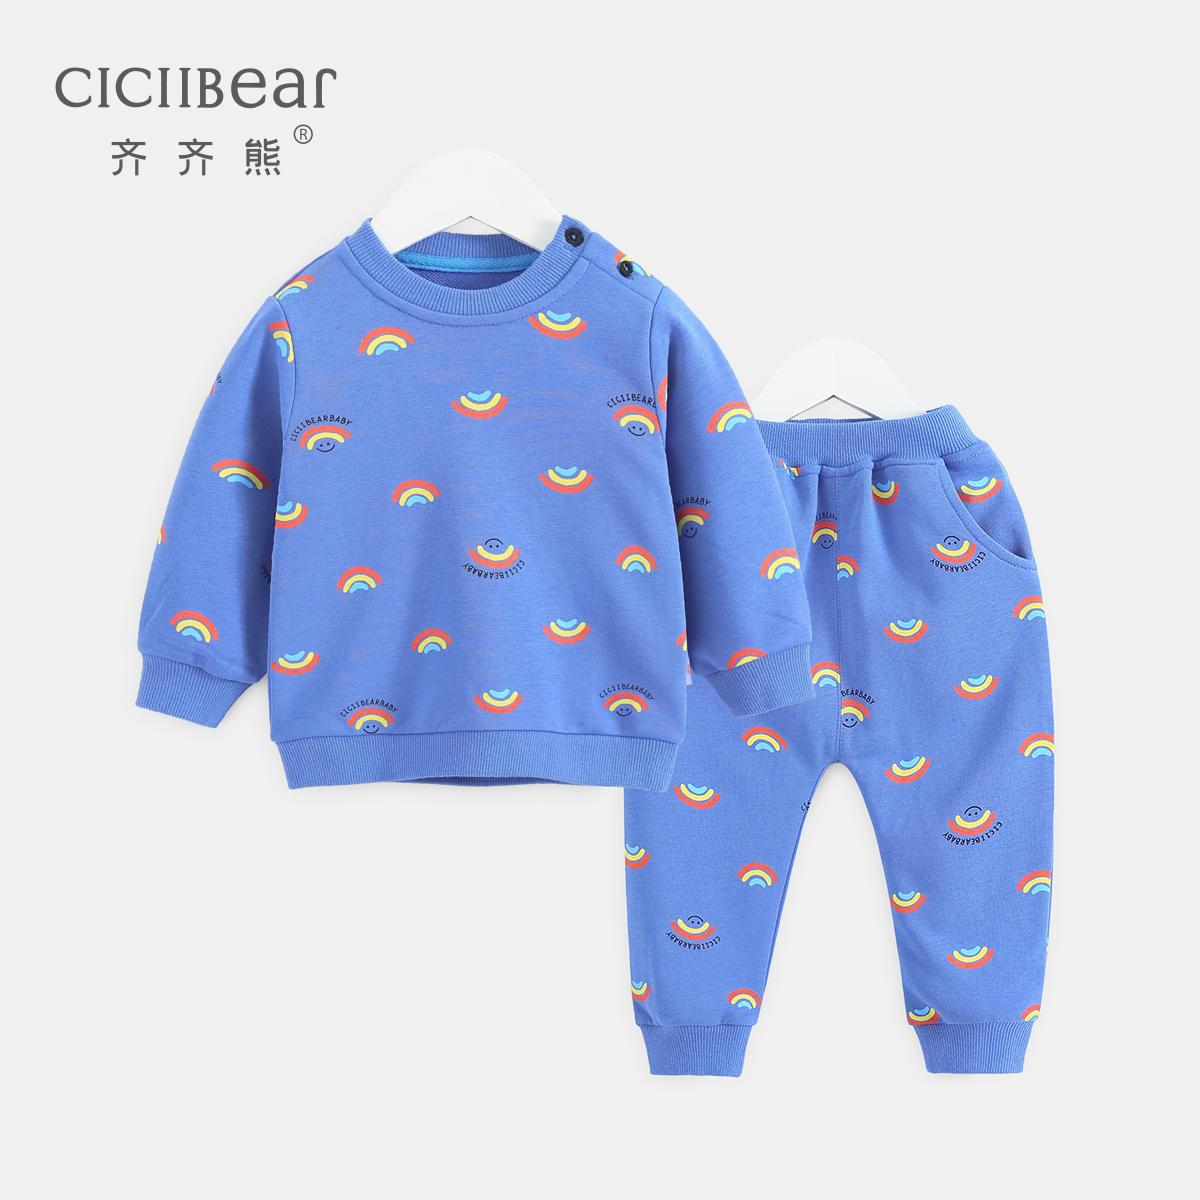 Одежда для младенцев Артикул 595862668791